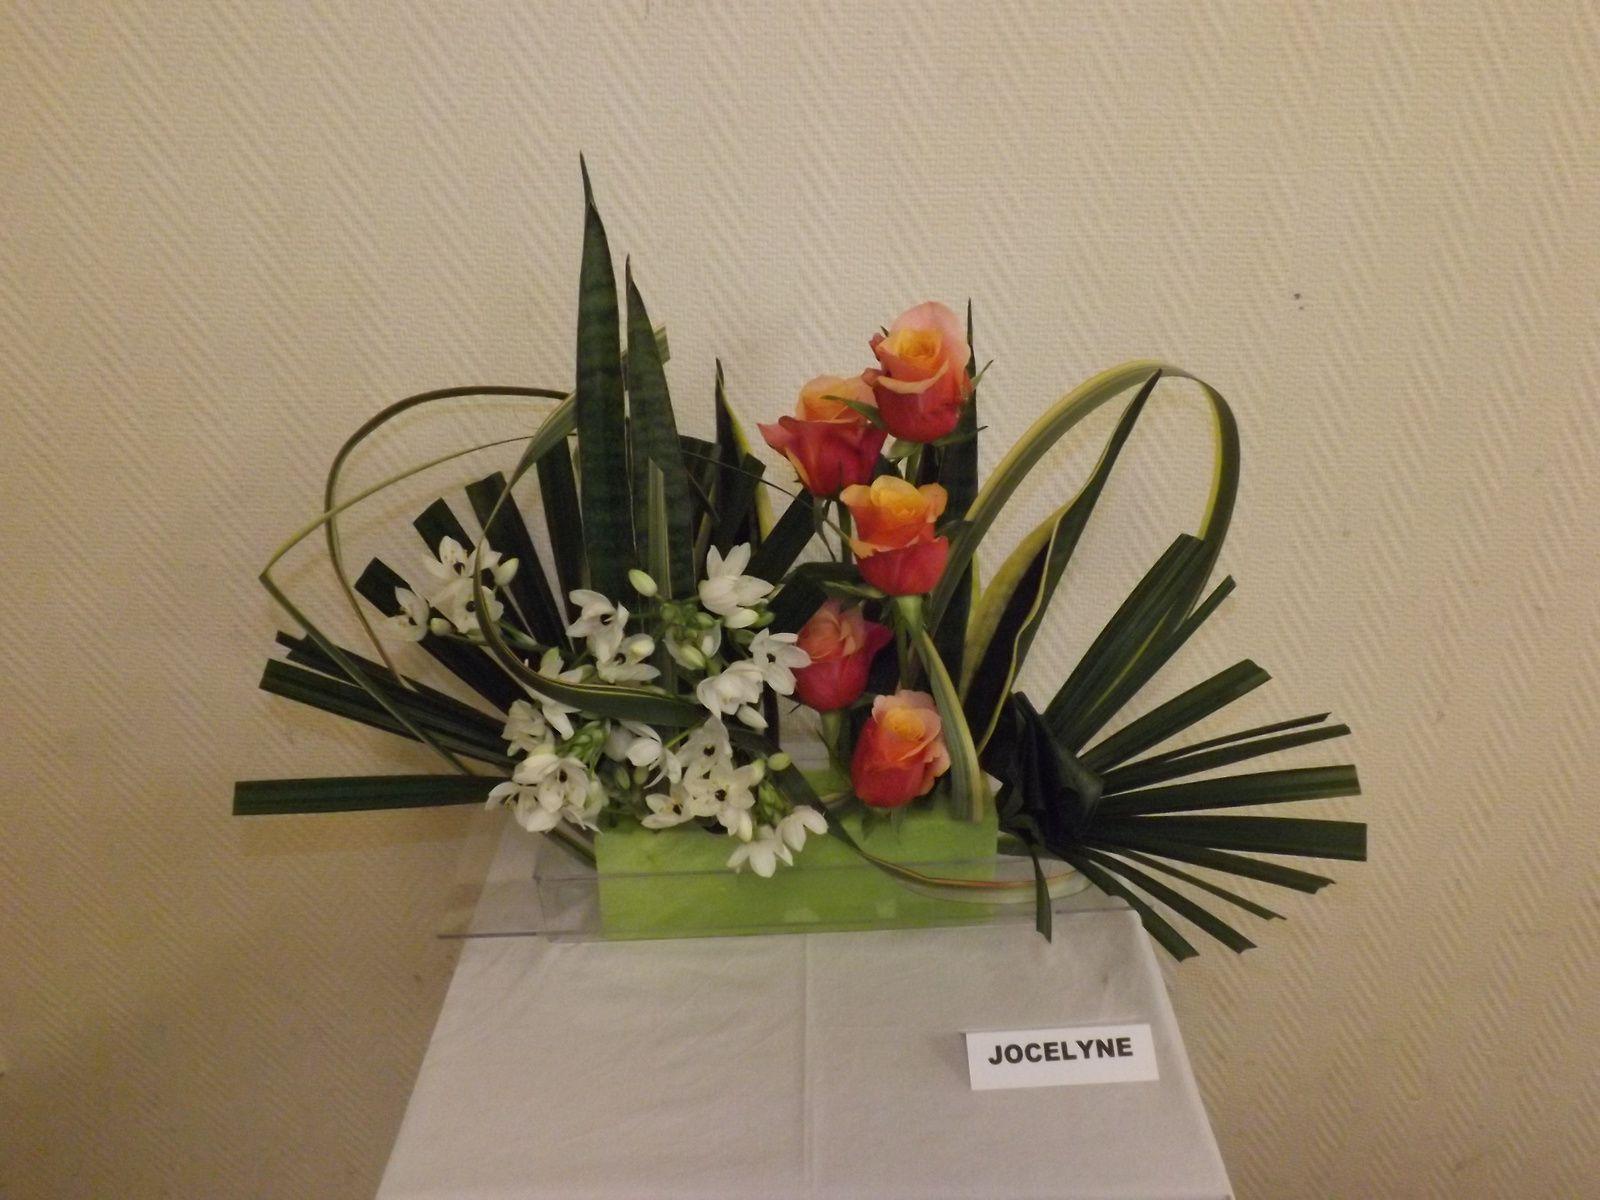 Chamerops hollande, phormium,sanseveria, roses, ornithogale, mousse de couleur